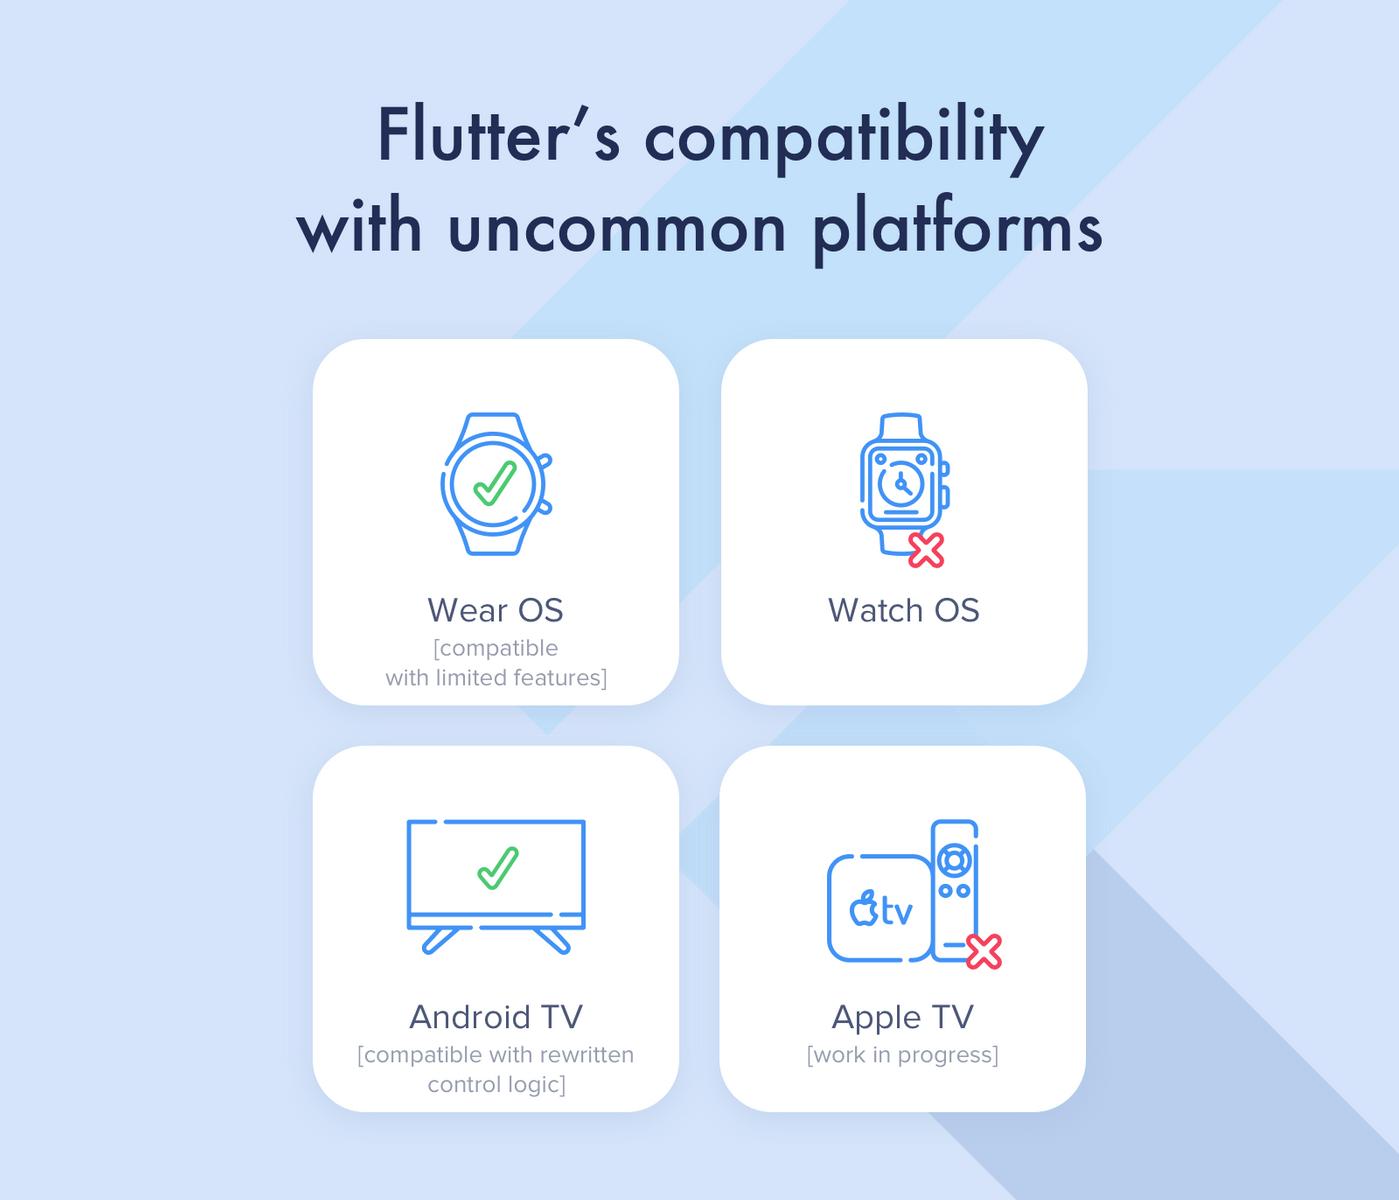 Specific platforms for Flutter app development